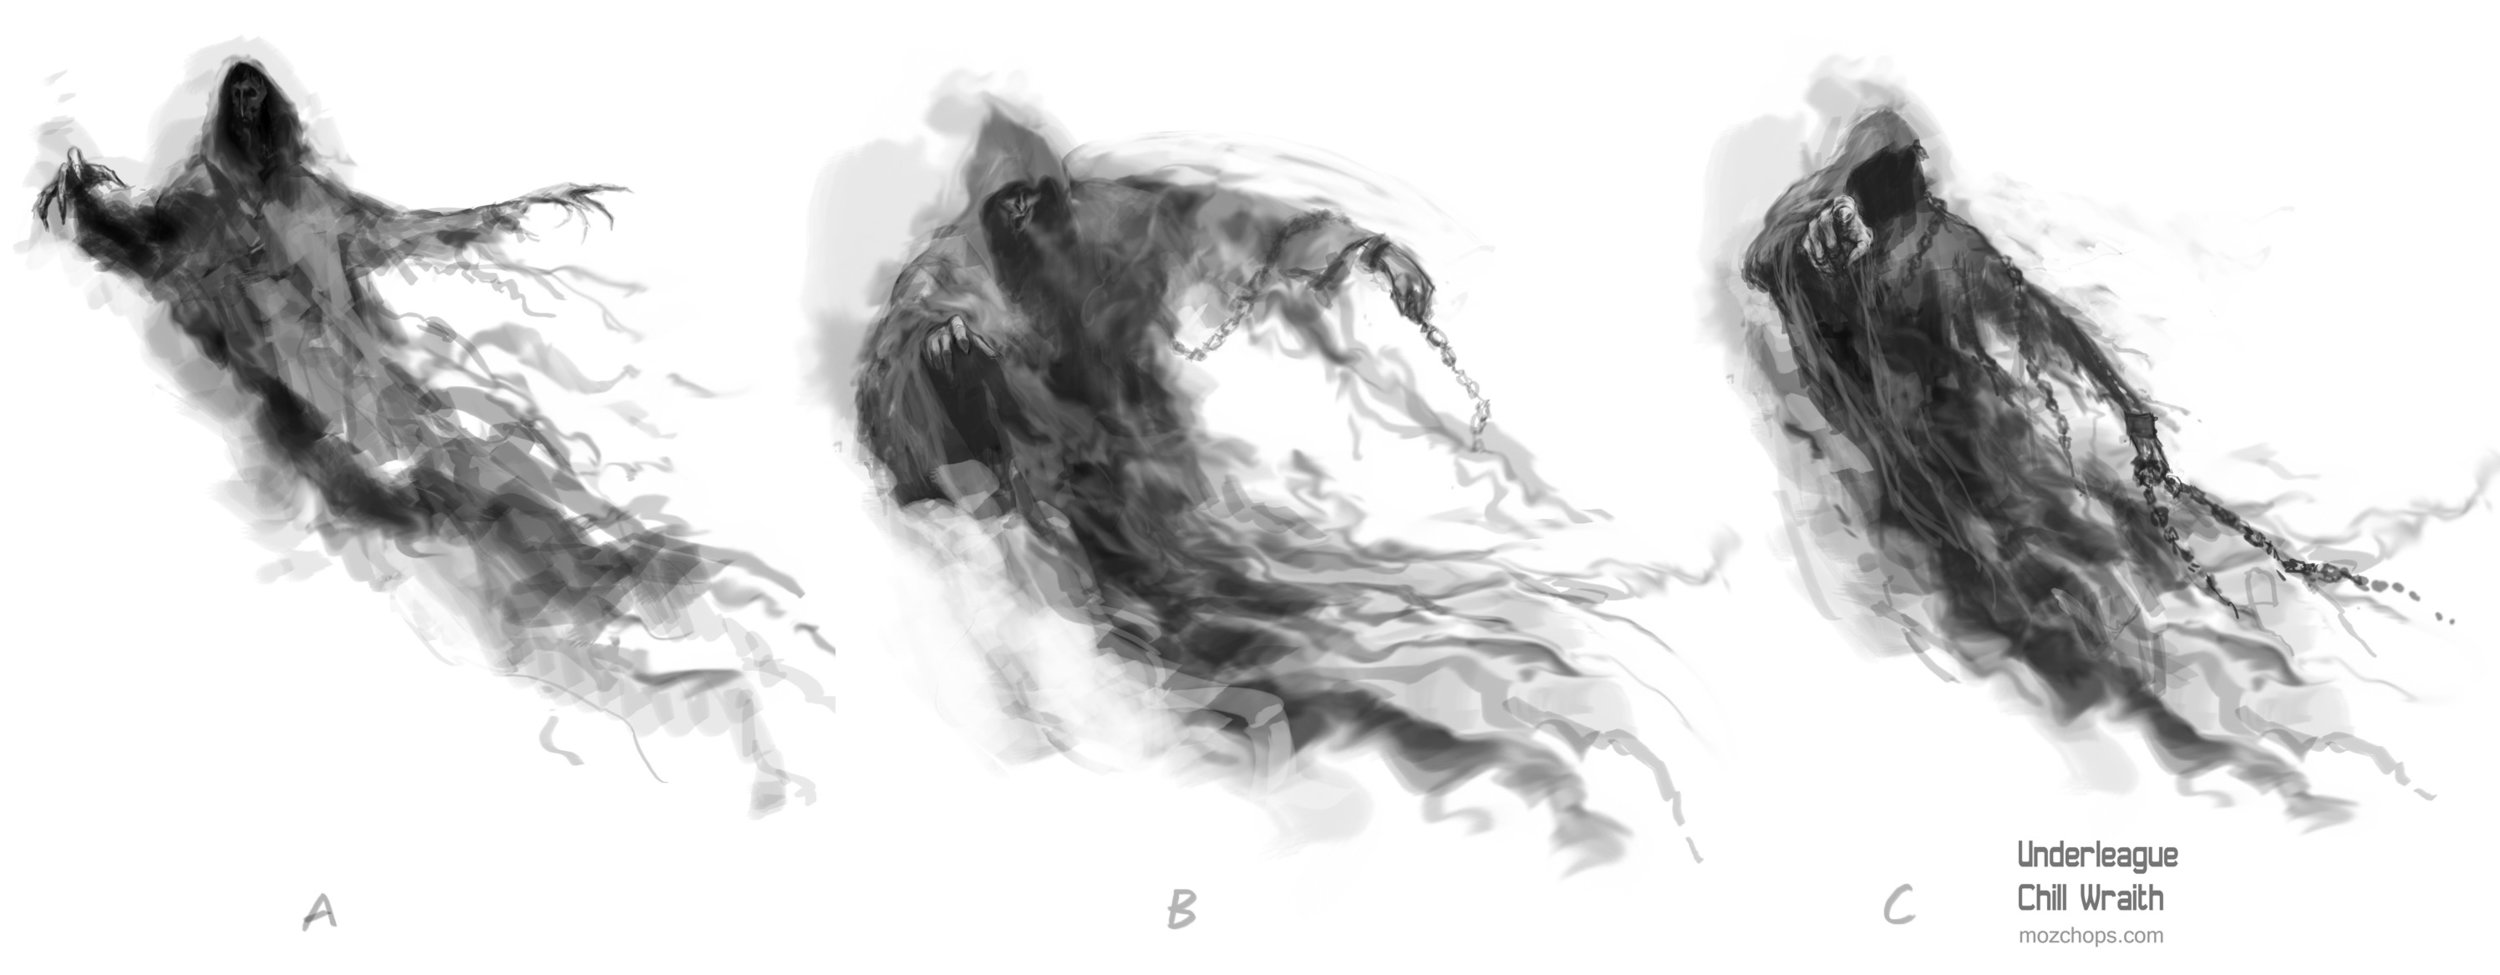 UL Chill Wraith a b c.jpg